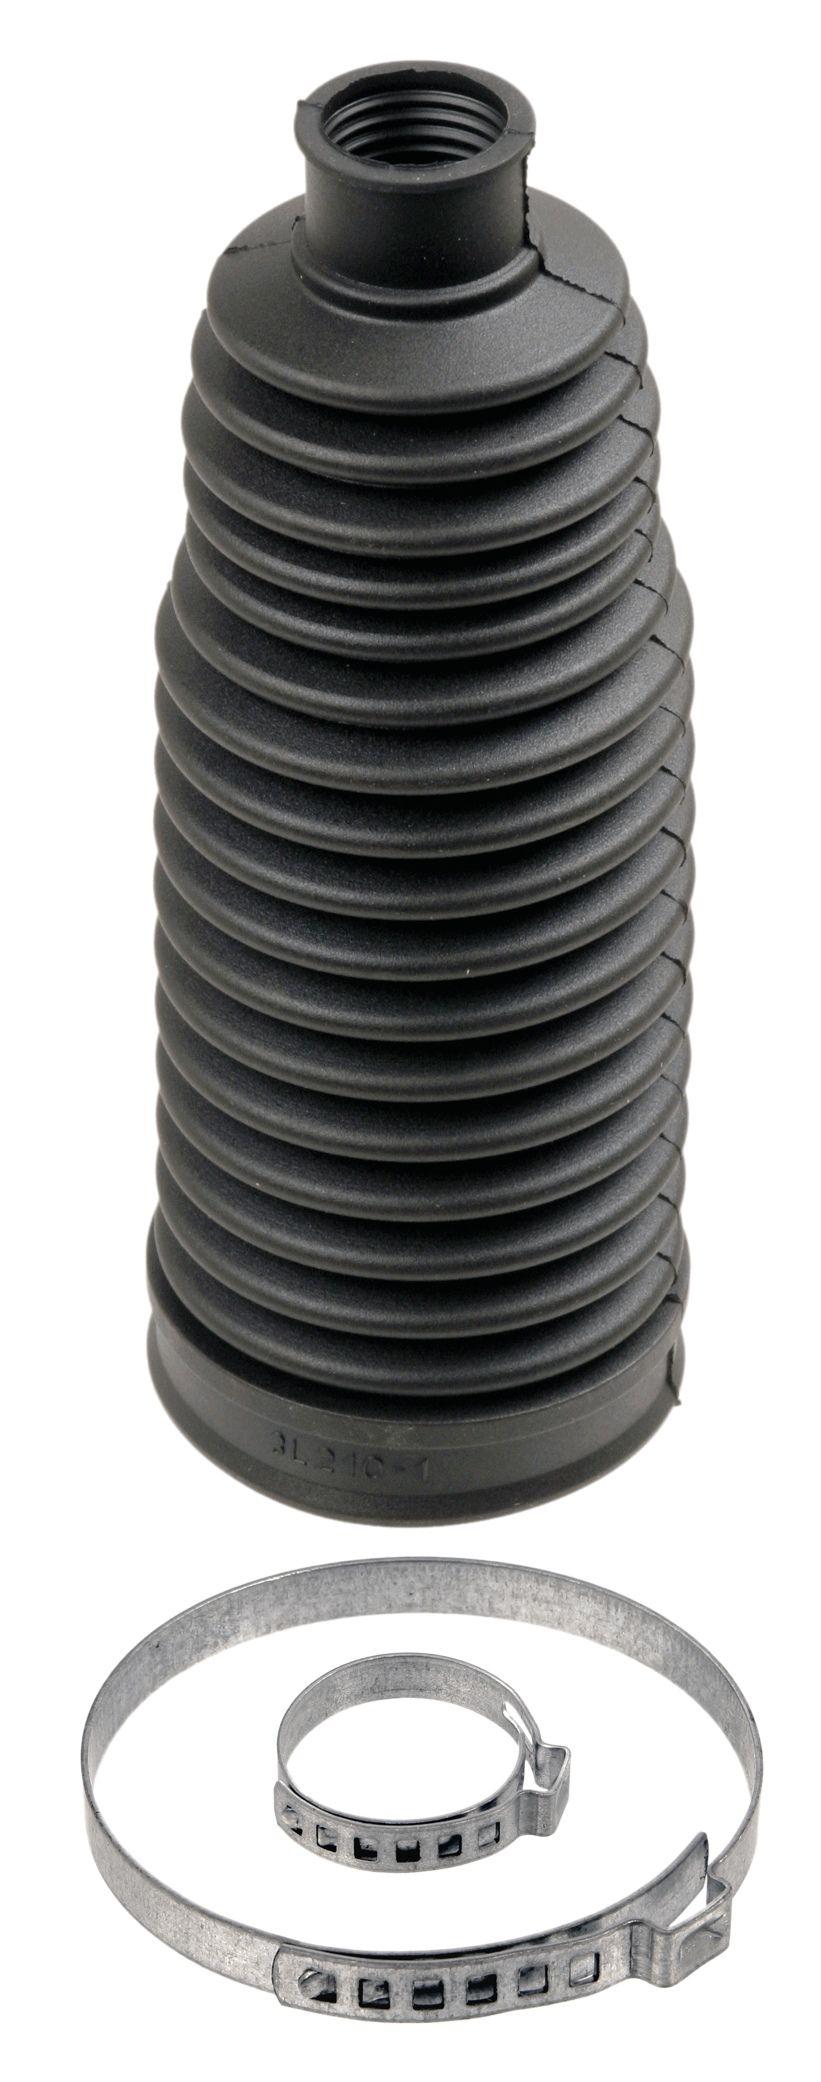 Achetez Jeu de joints-soufflets TRW JBE298 (Diamètre intérieur 2: 21mm, Diamètre intérieur 2: 58mm) à un rapport qualité-prix exceptionnel